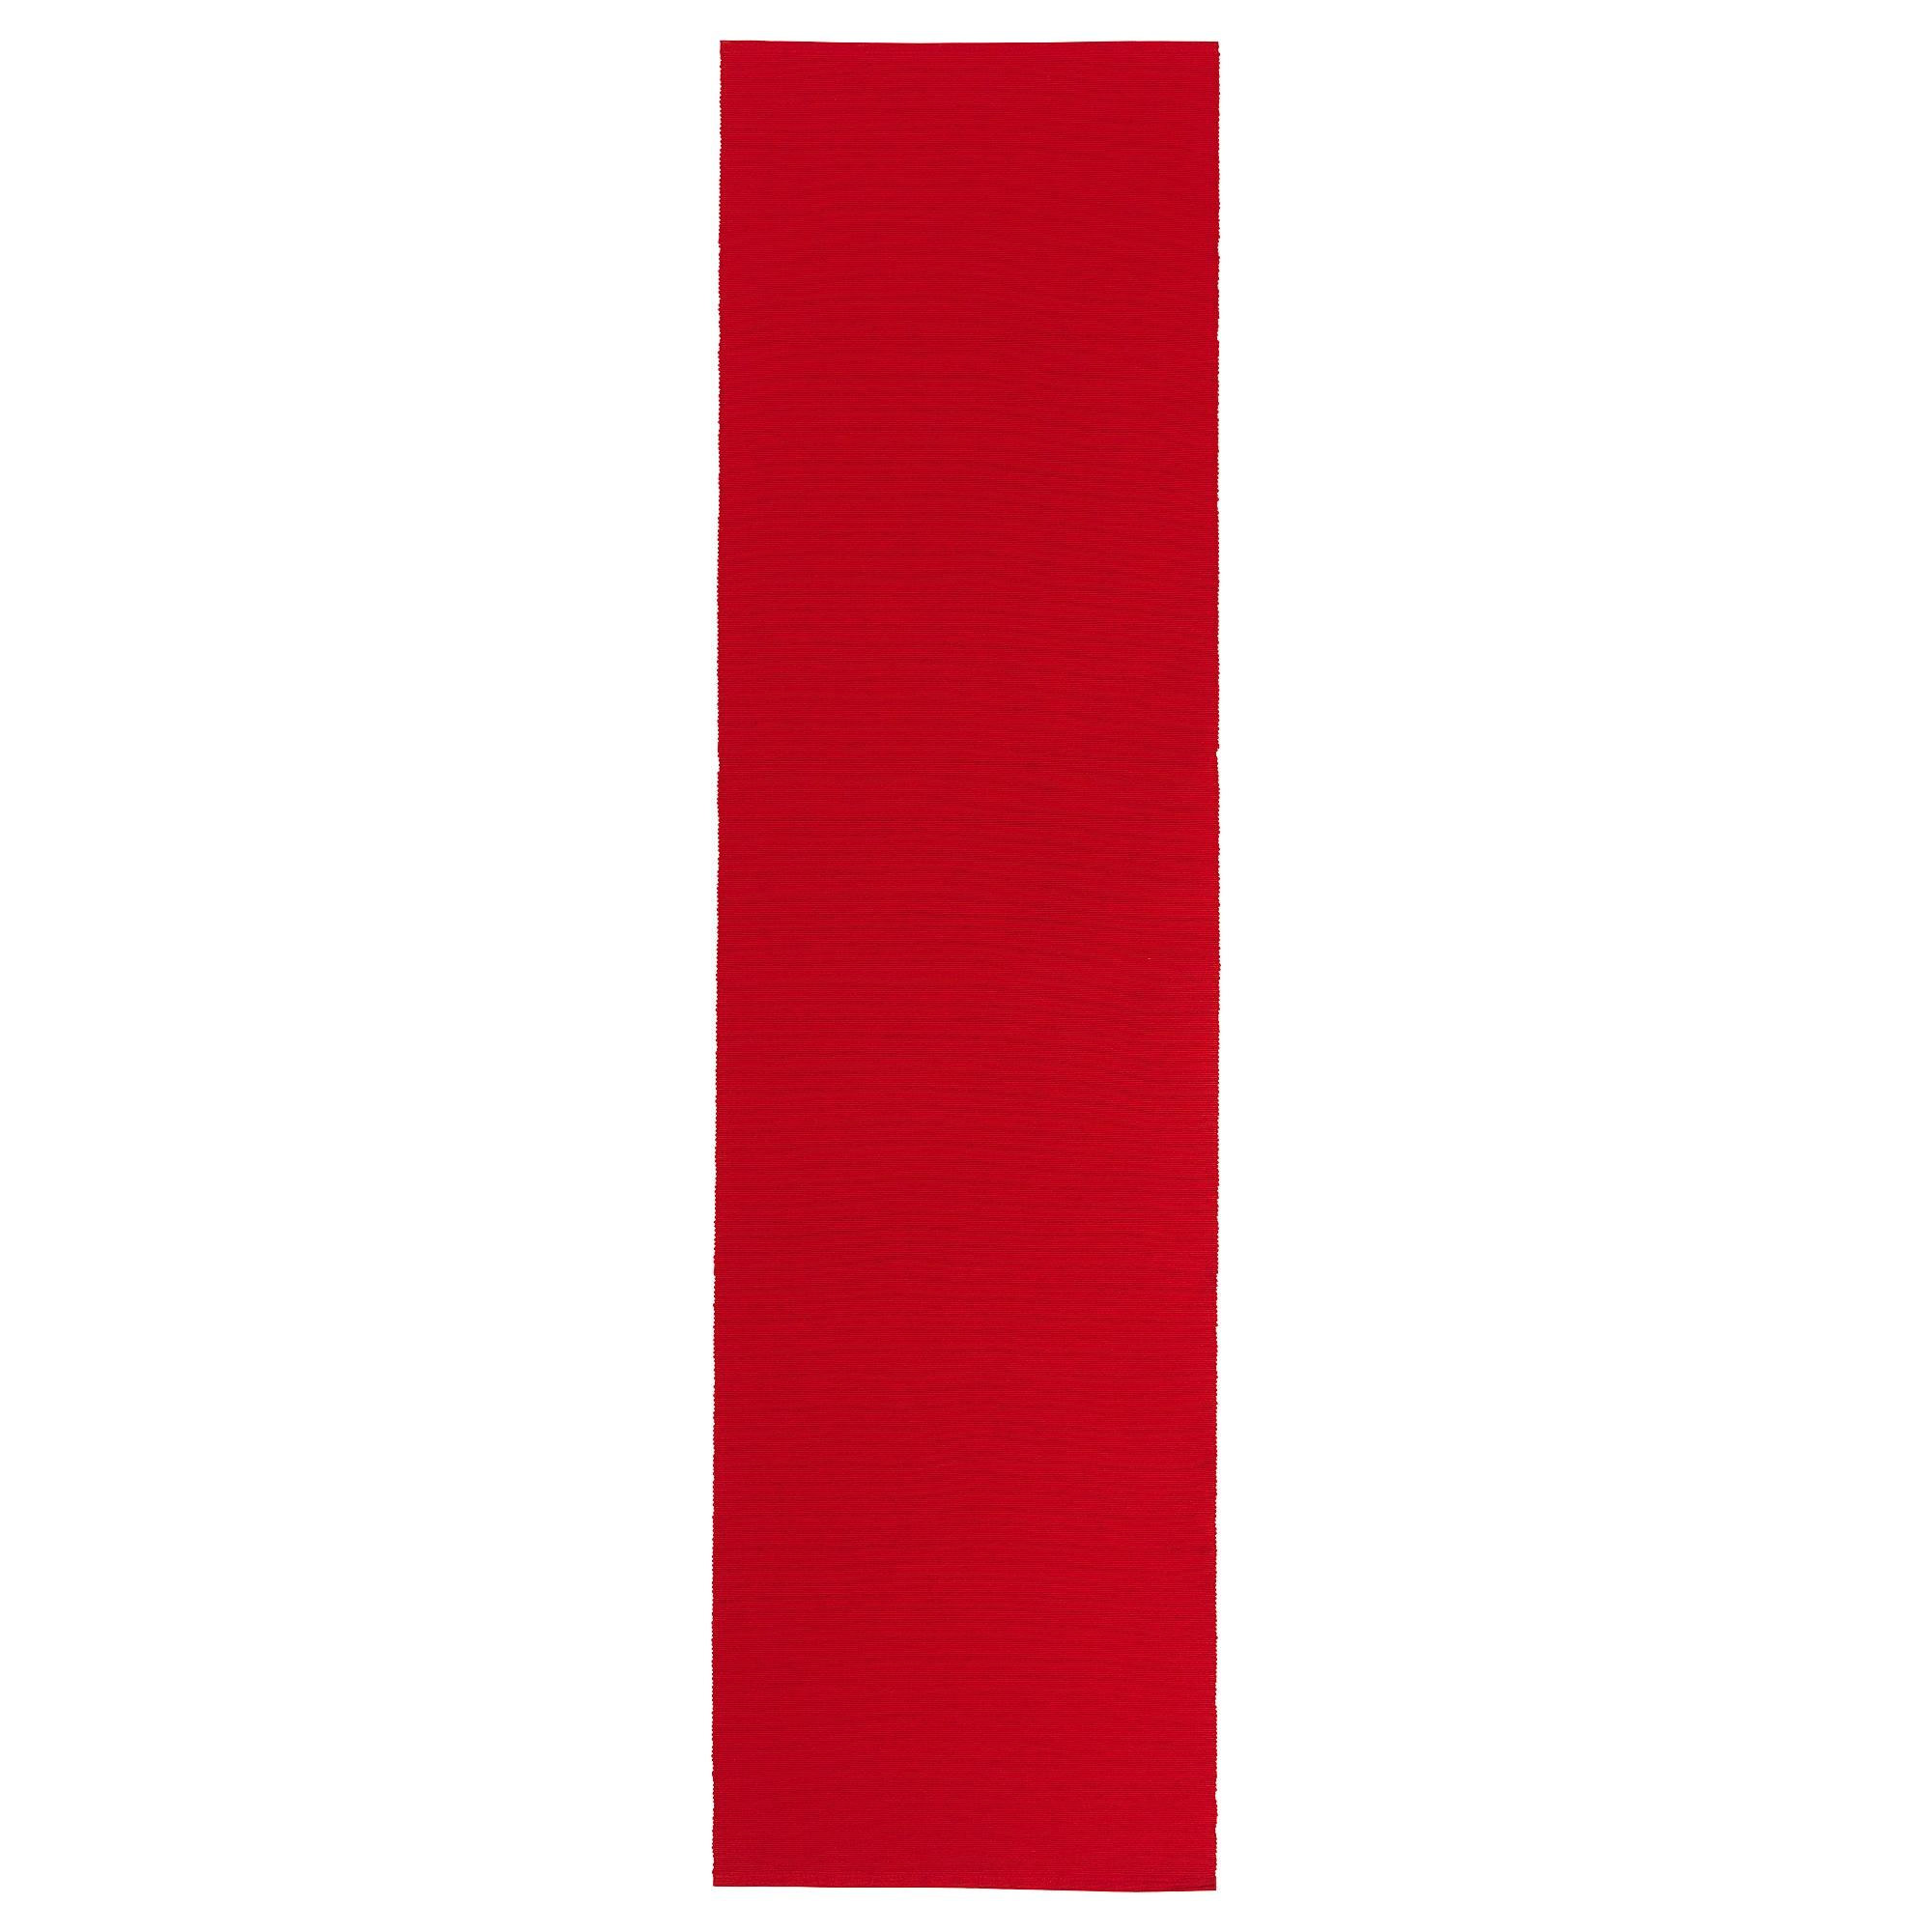 Дорожка настольная МЭРИТ красный артикуль № 104.030.77 в наличии. Онлайн каталог ИКЕА Минск. Недорогая доставка и соборка.